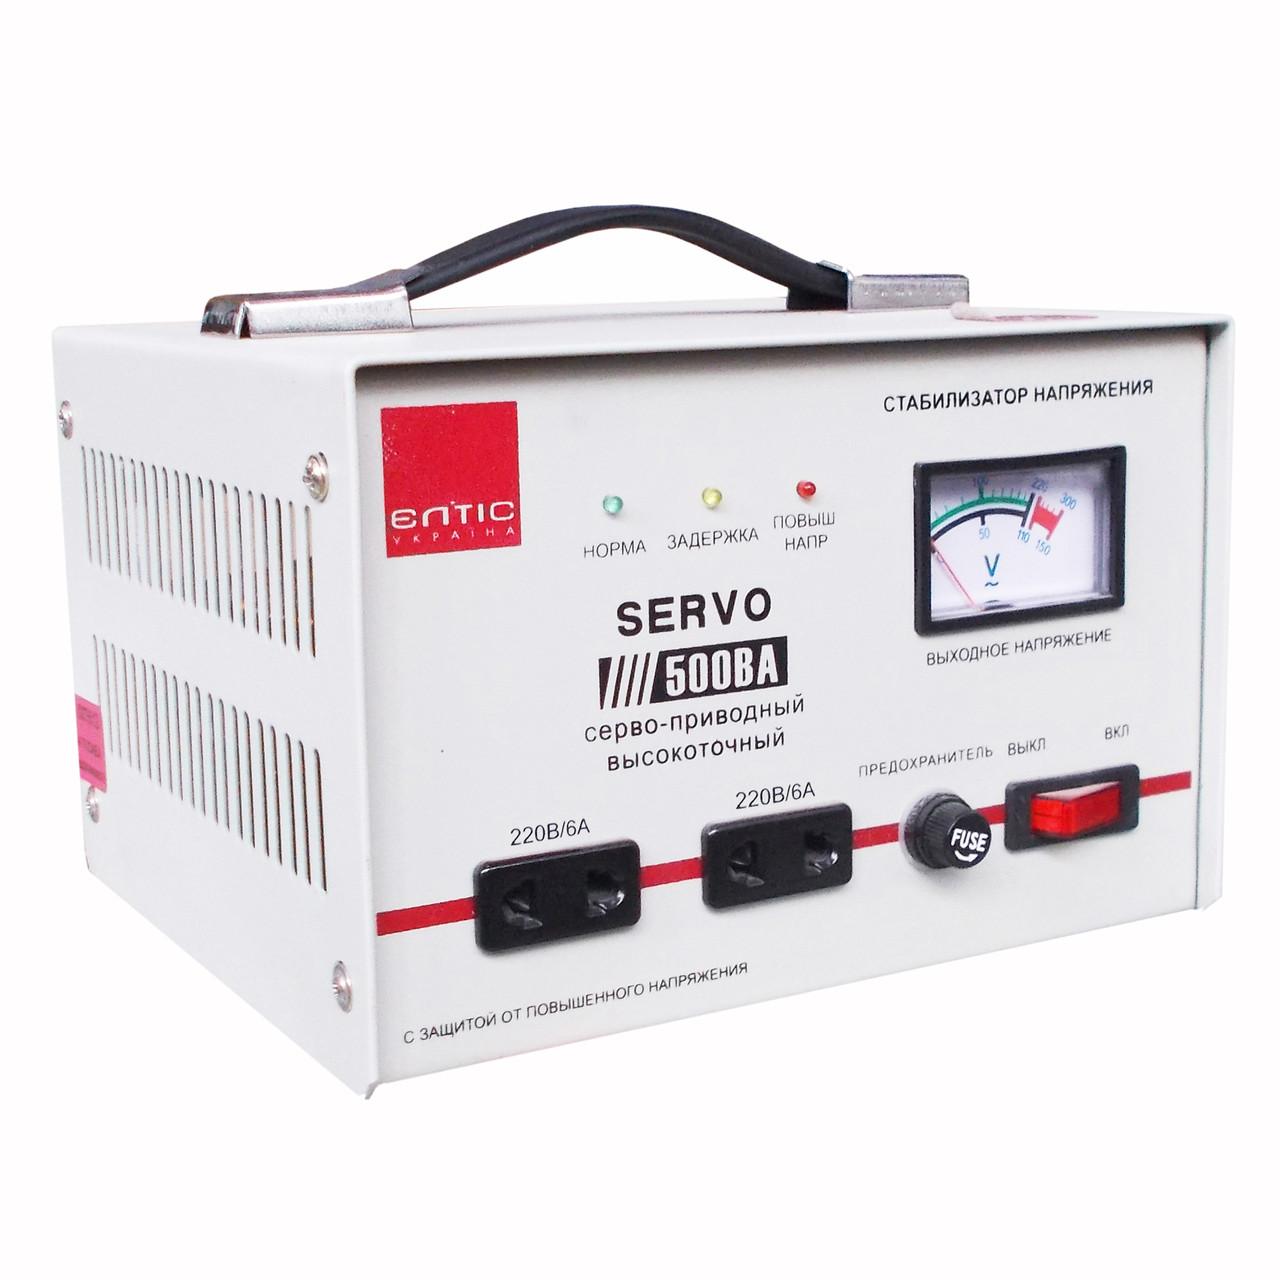 Однофазный сервоприводный стабилизатор напряжения Елтис SERVO 500, фото 1